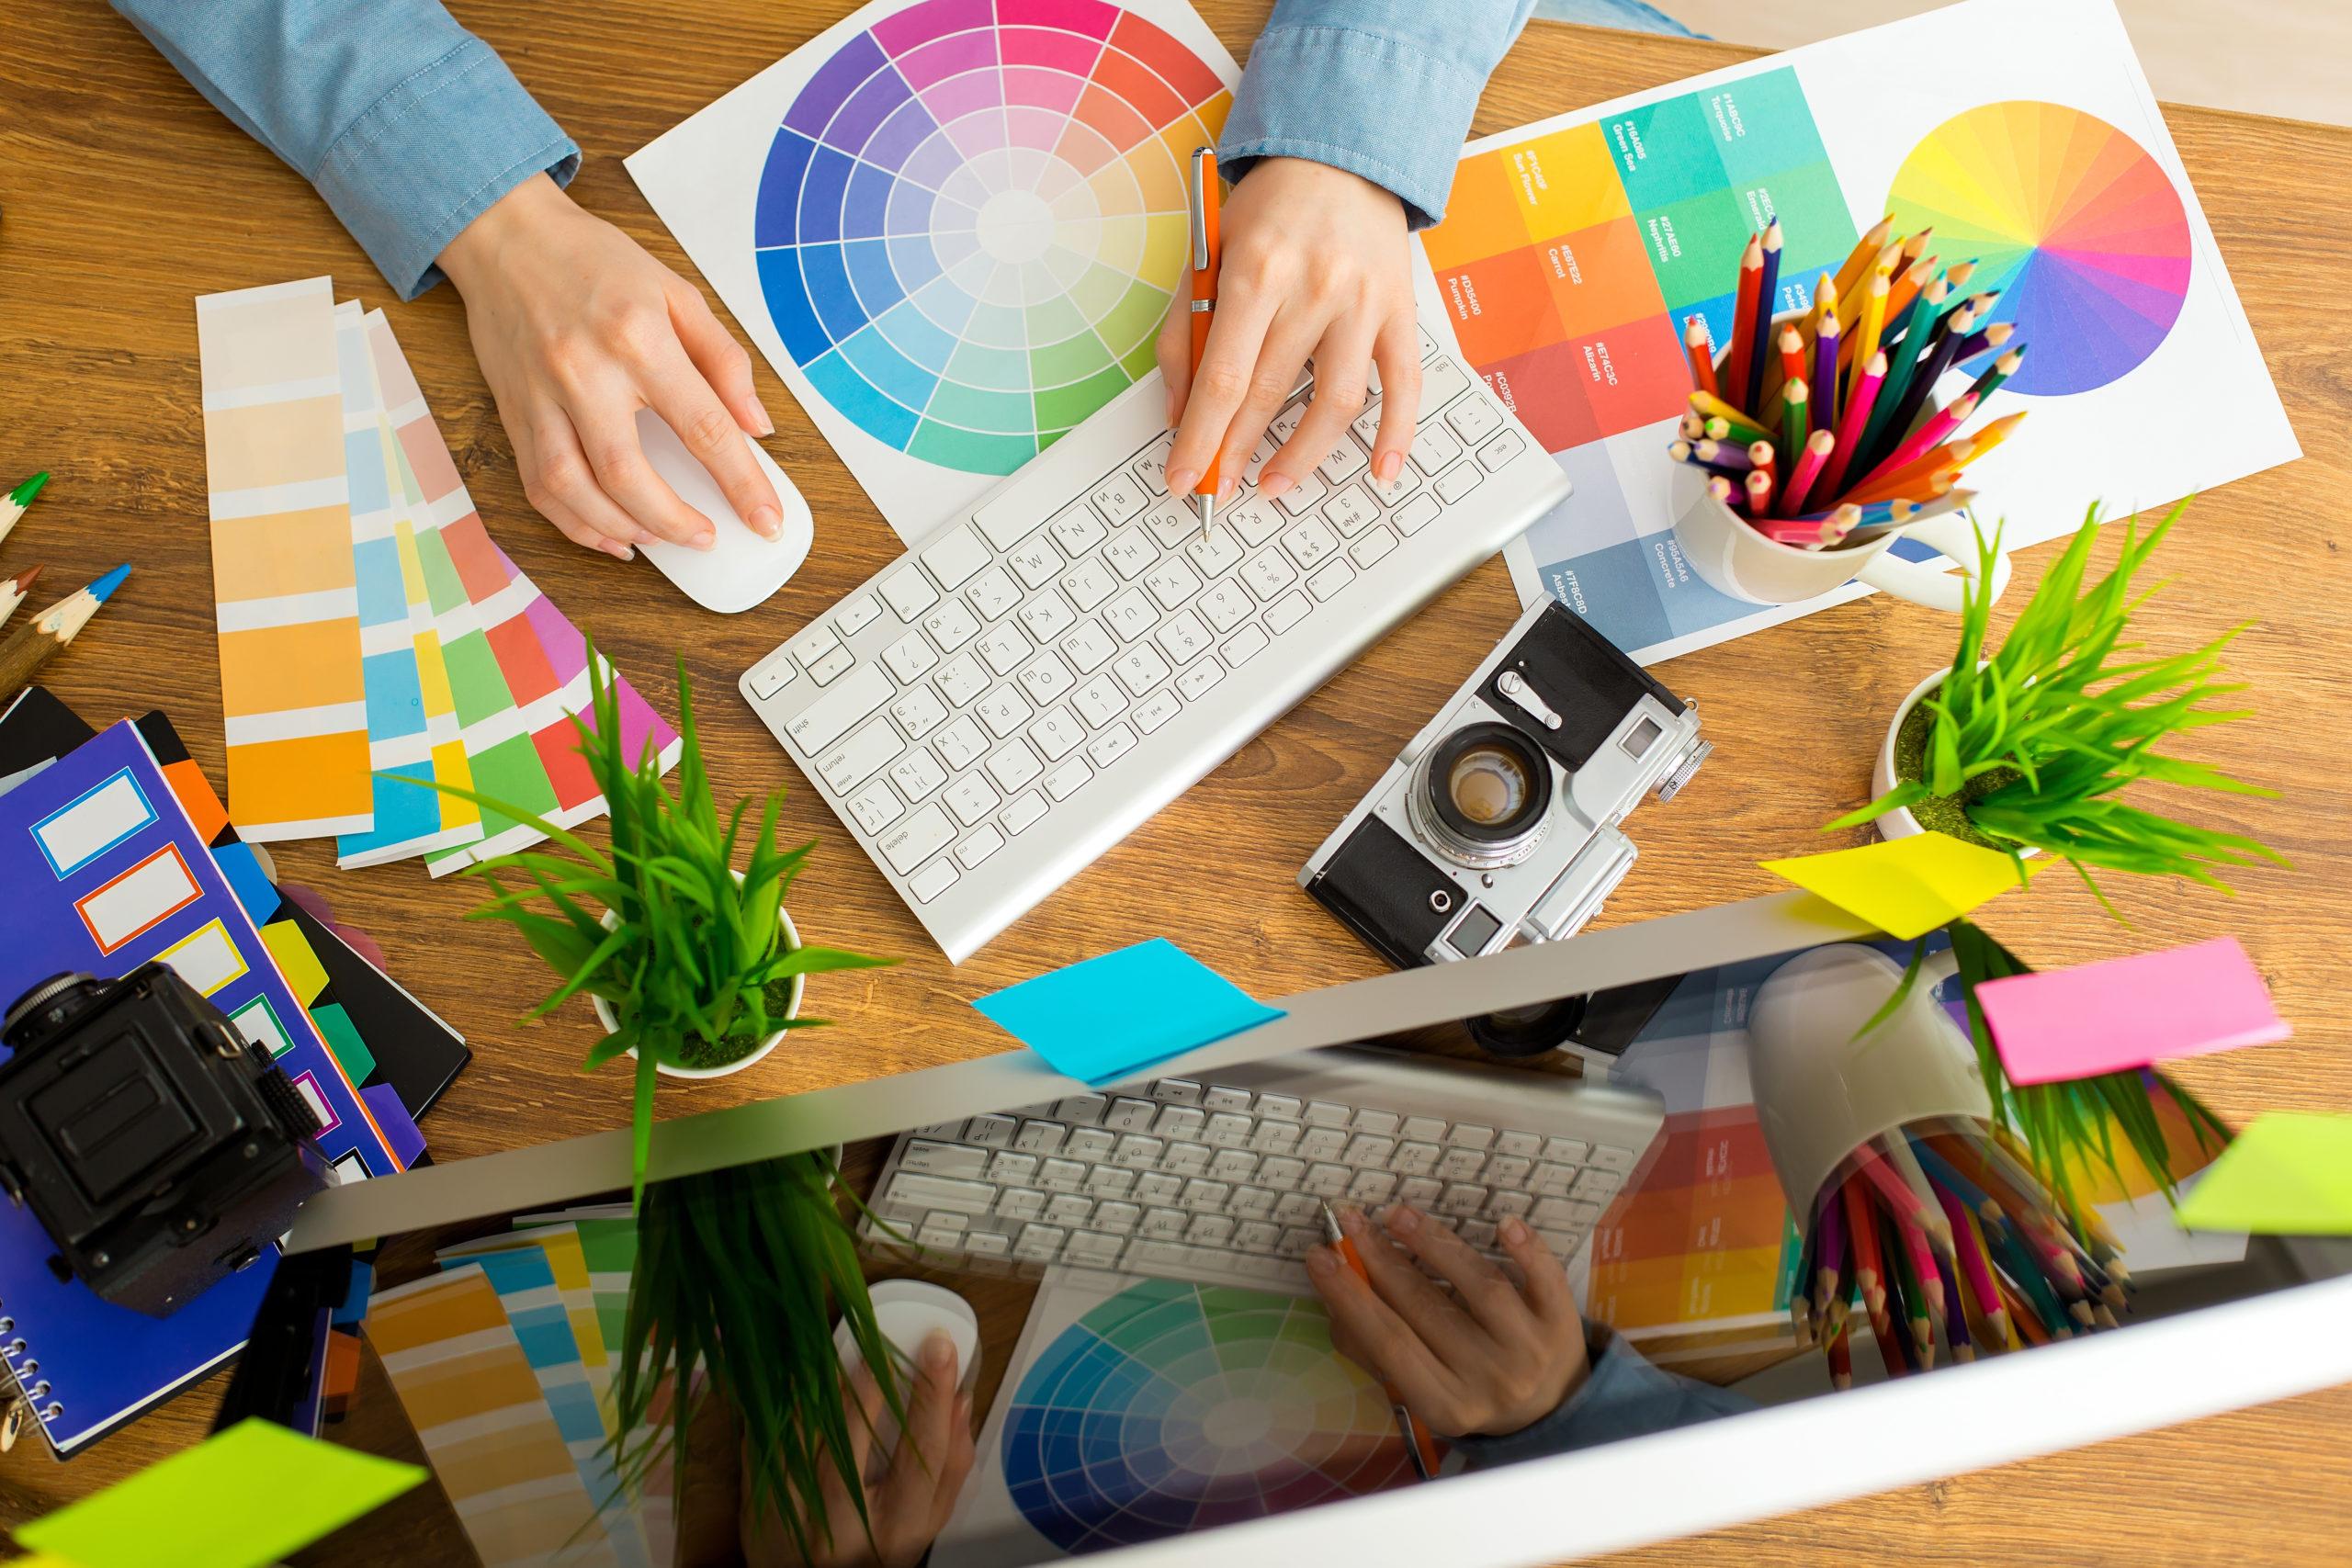 Grafik kreatywny, content marketing albo stawianie stron. Pracuj w domu i zarabiaj z ZSK